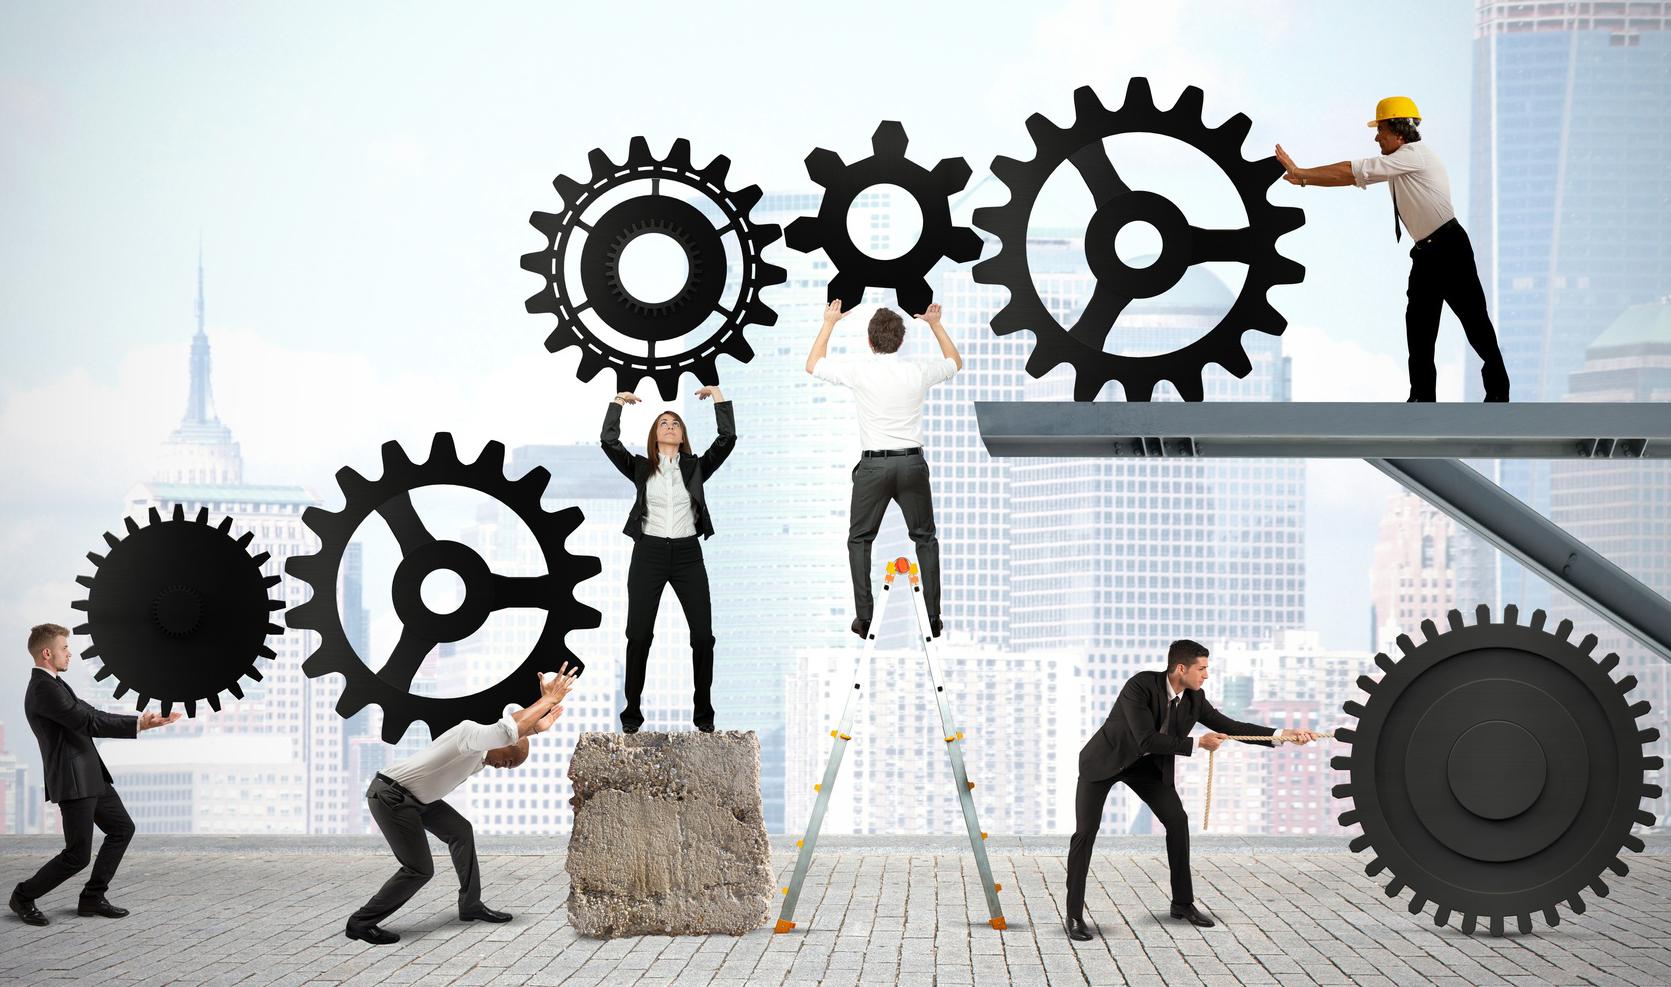 100 причин стать предпринимателем: почему людям нравится заниматься своим делом - бизнес-журнал b-mag